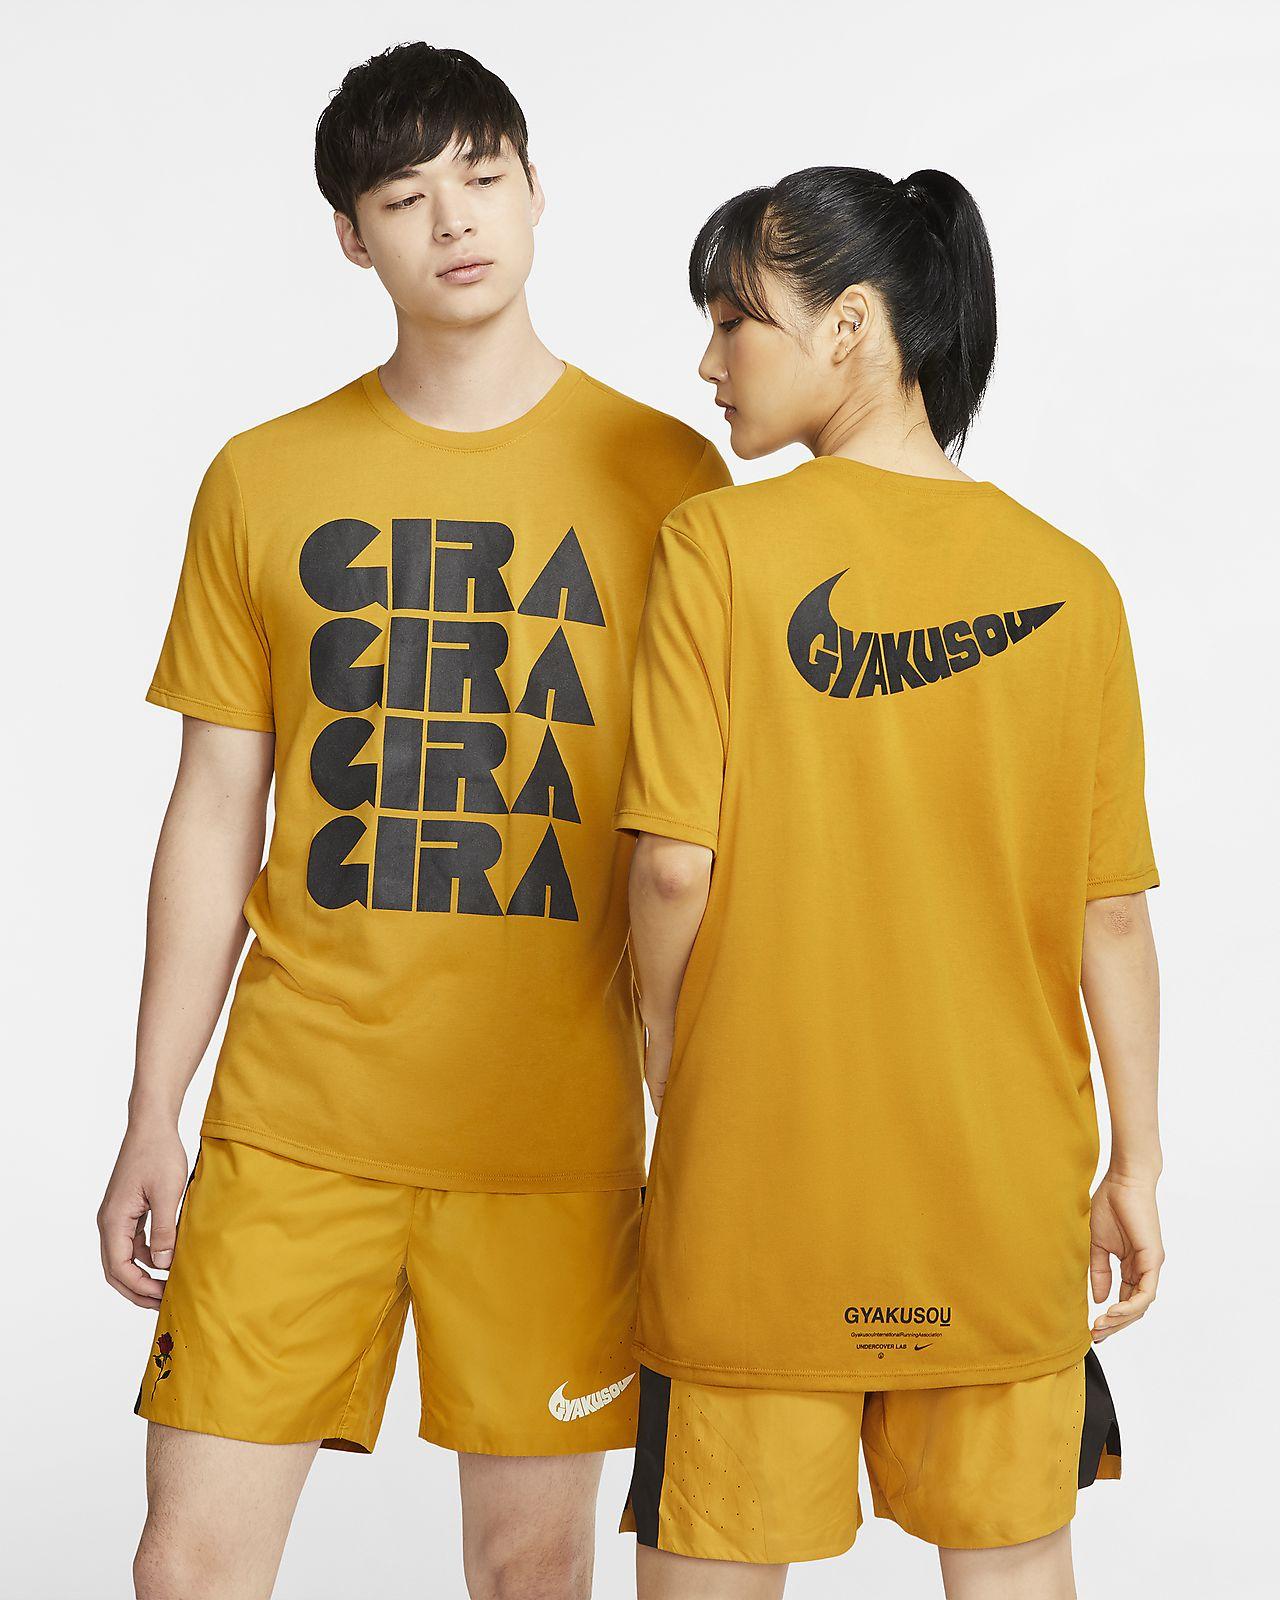 【プロモーション対象外】GYAKUSOU メンズ Tシャツ